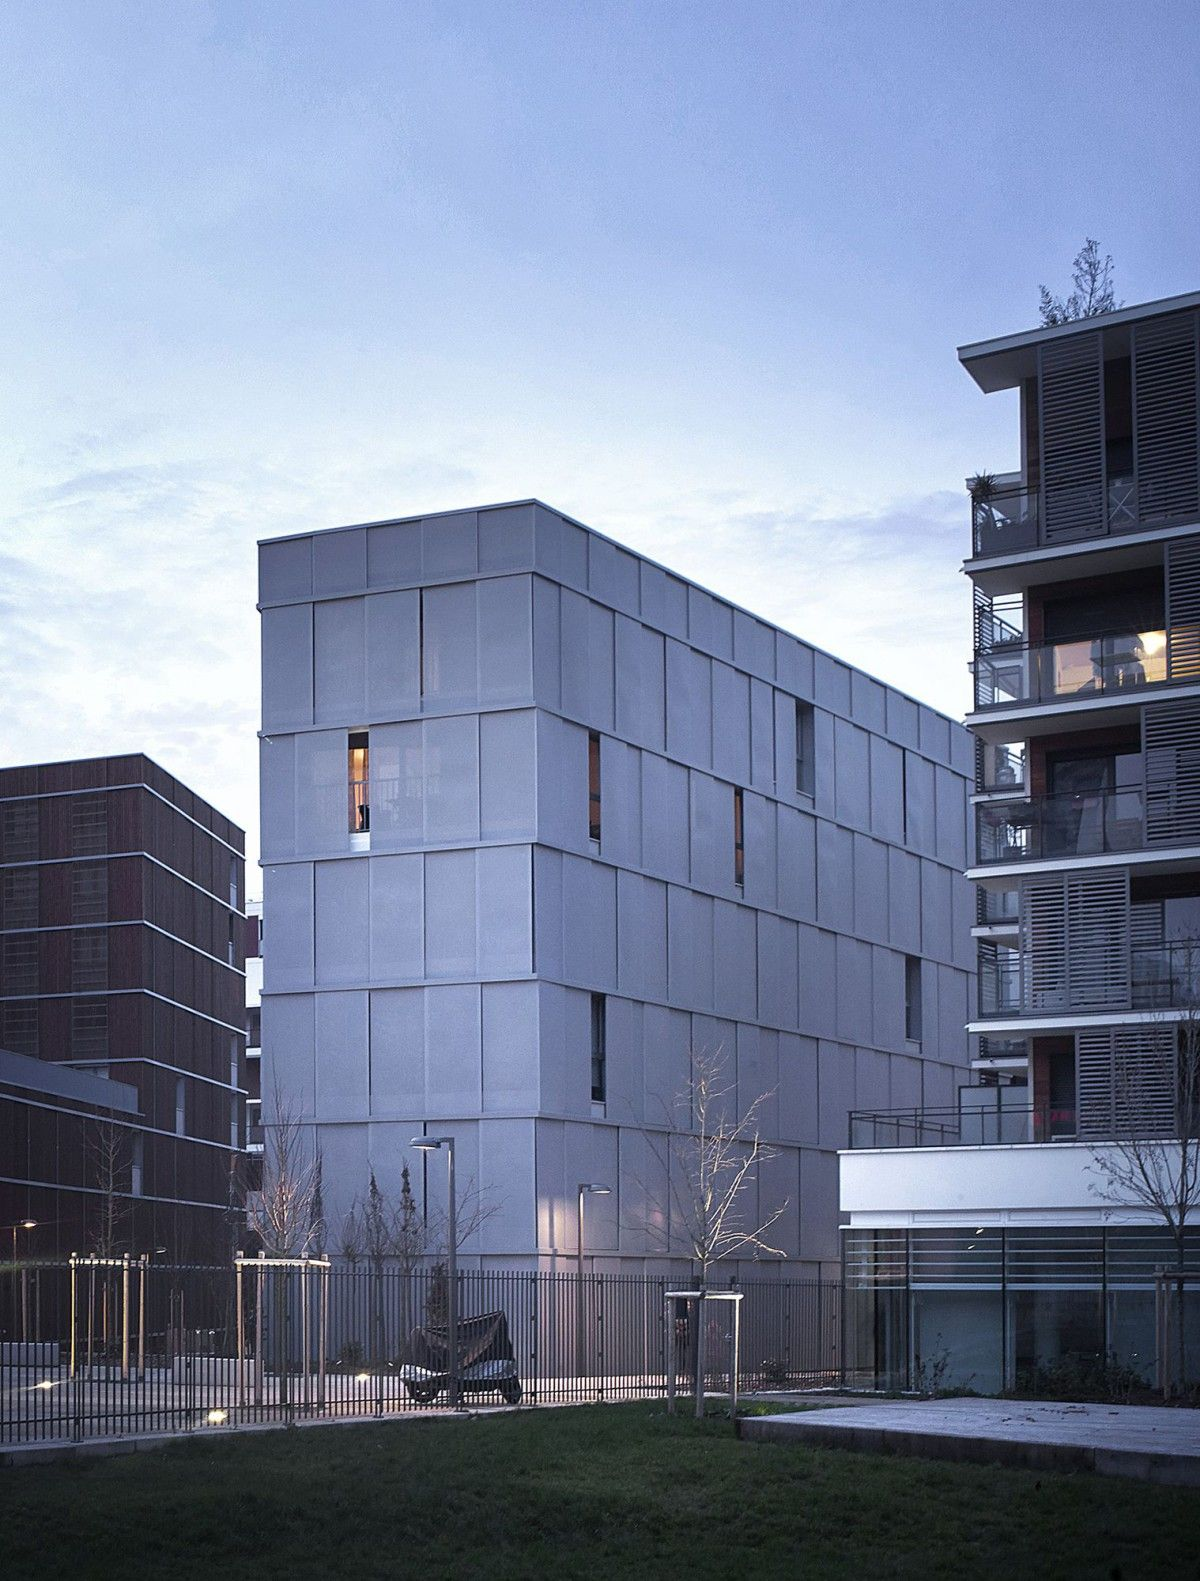 Facade Design Architecture Buildings Paris France